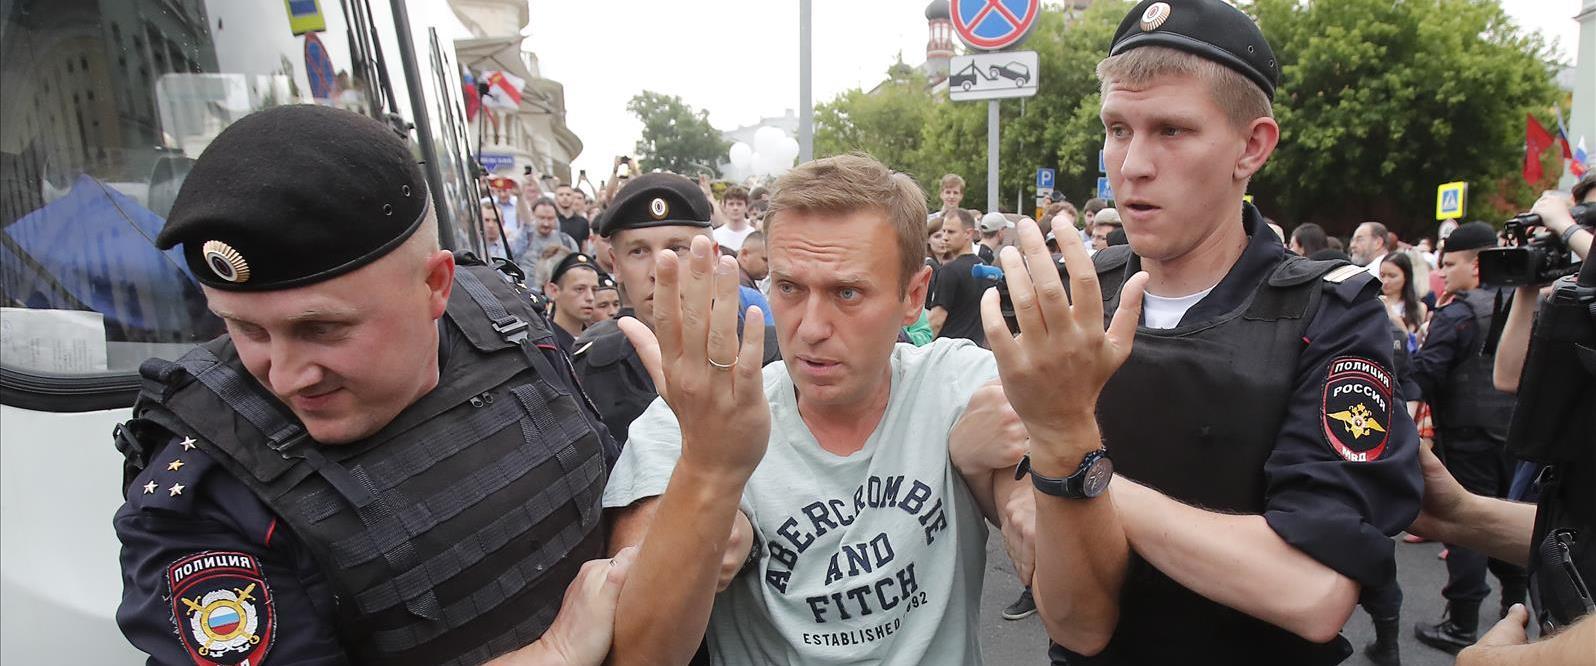 אלכסיי נבלני נעצר בהפגנה, ארכיון